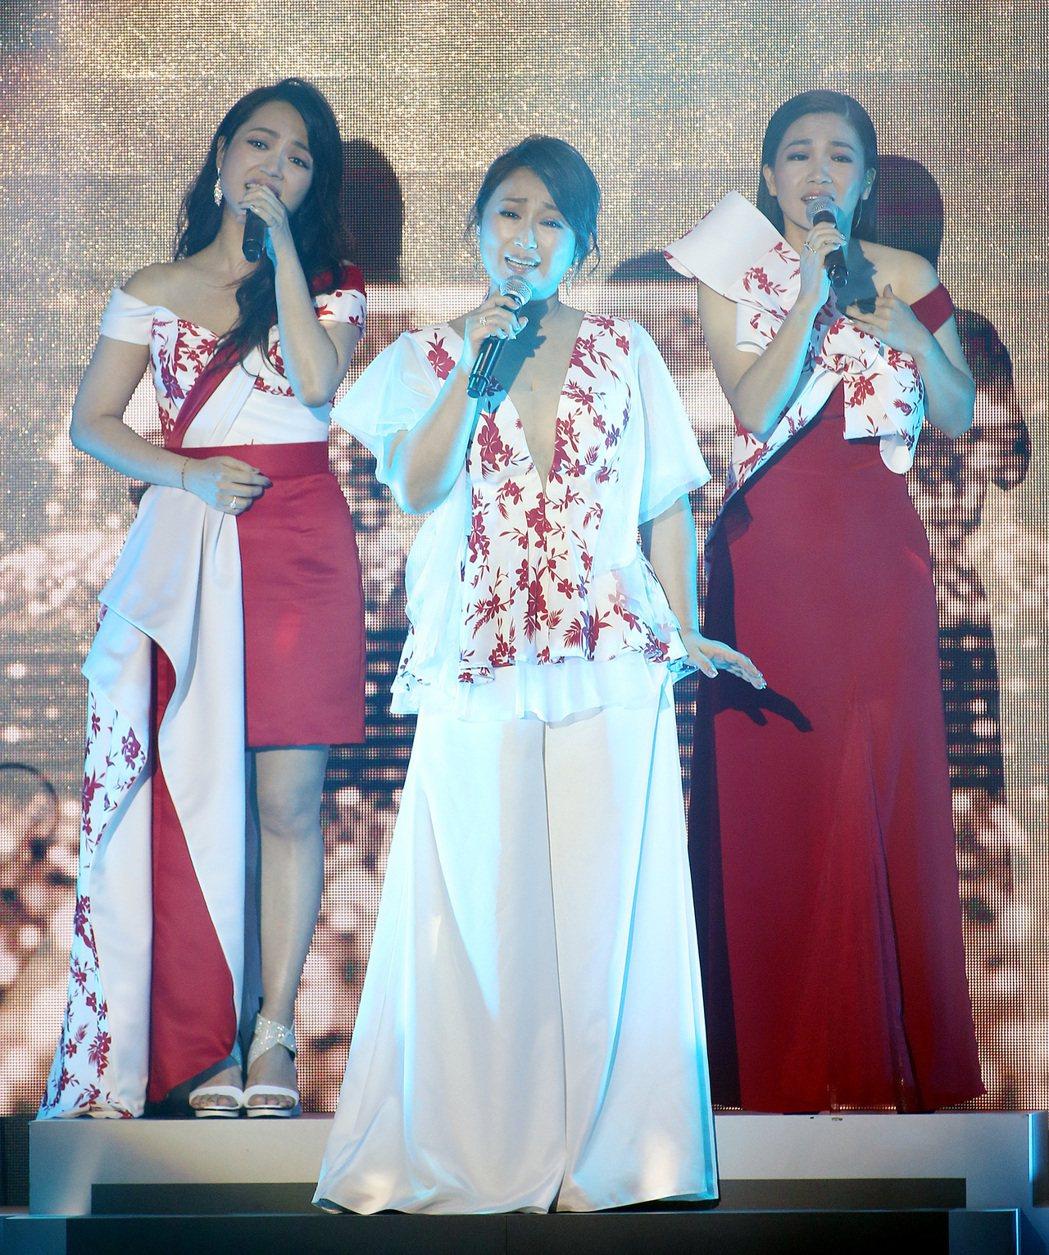 秀蘭瑪雅(左起)、王瑞霞及黃妃合體演唱經典國台語歌曲。記者侯永全/攝影